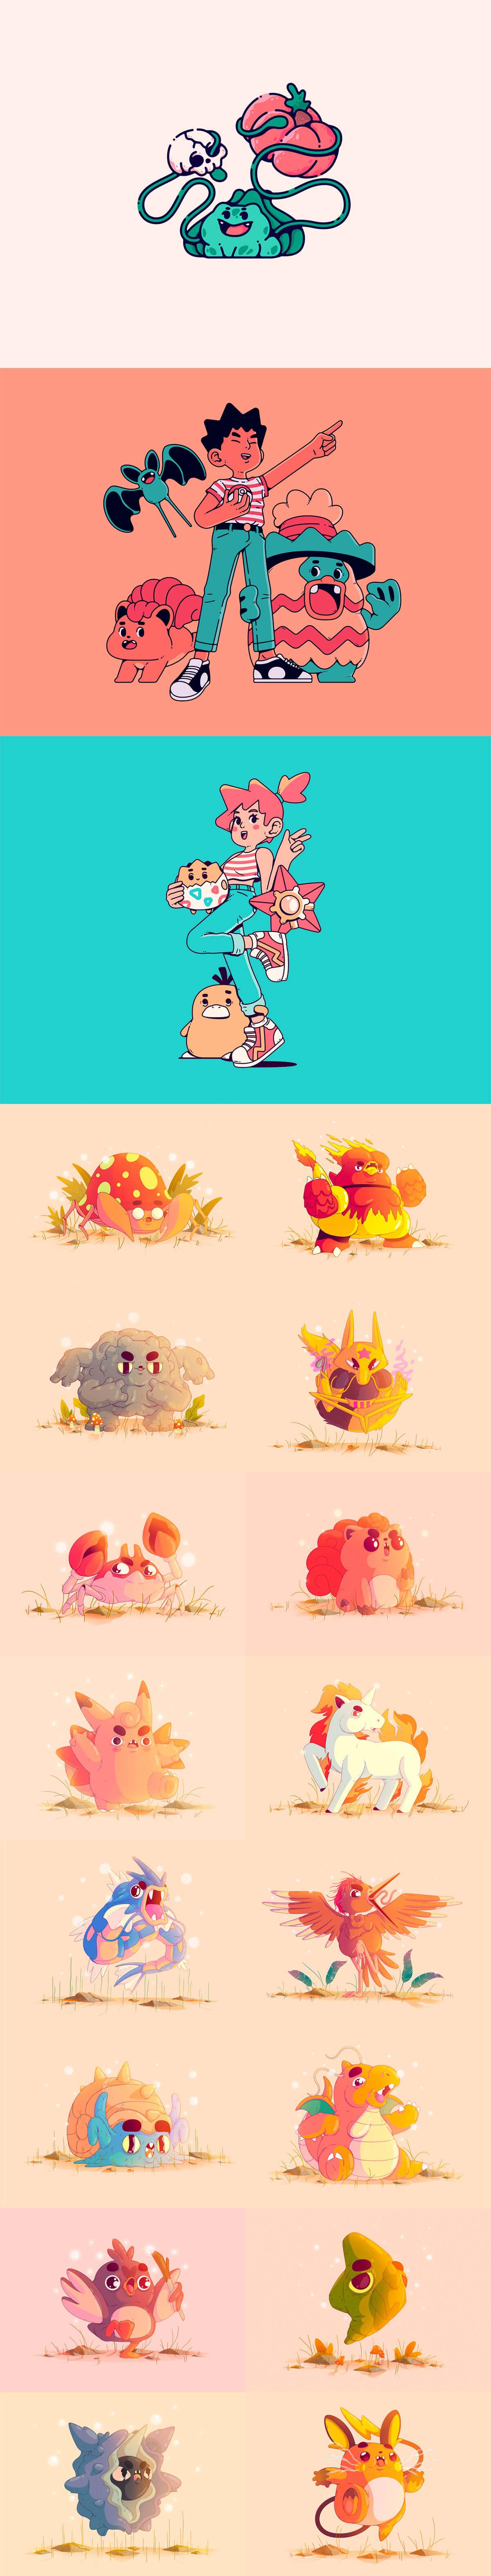 Pokemon Fanart by Daniel Mackey